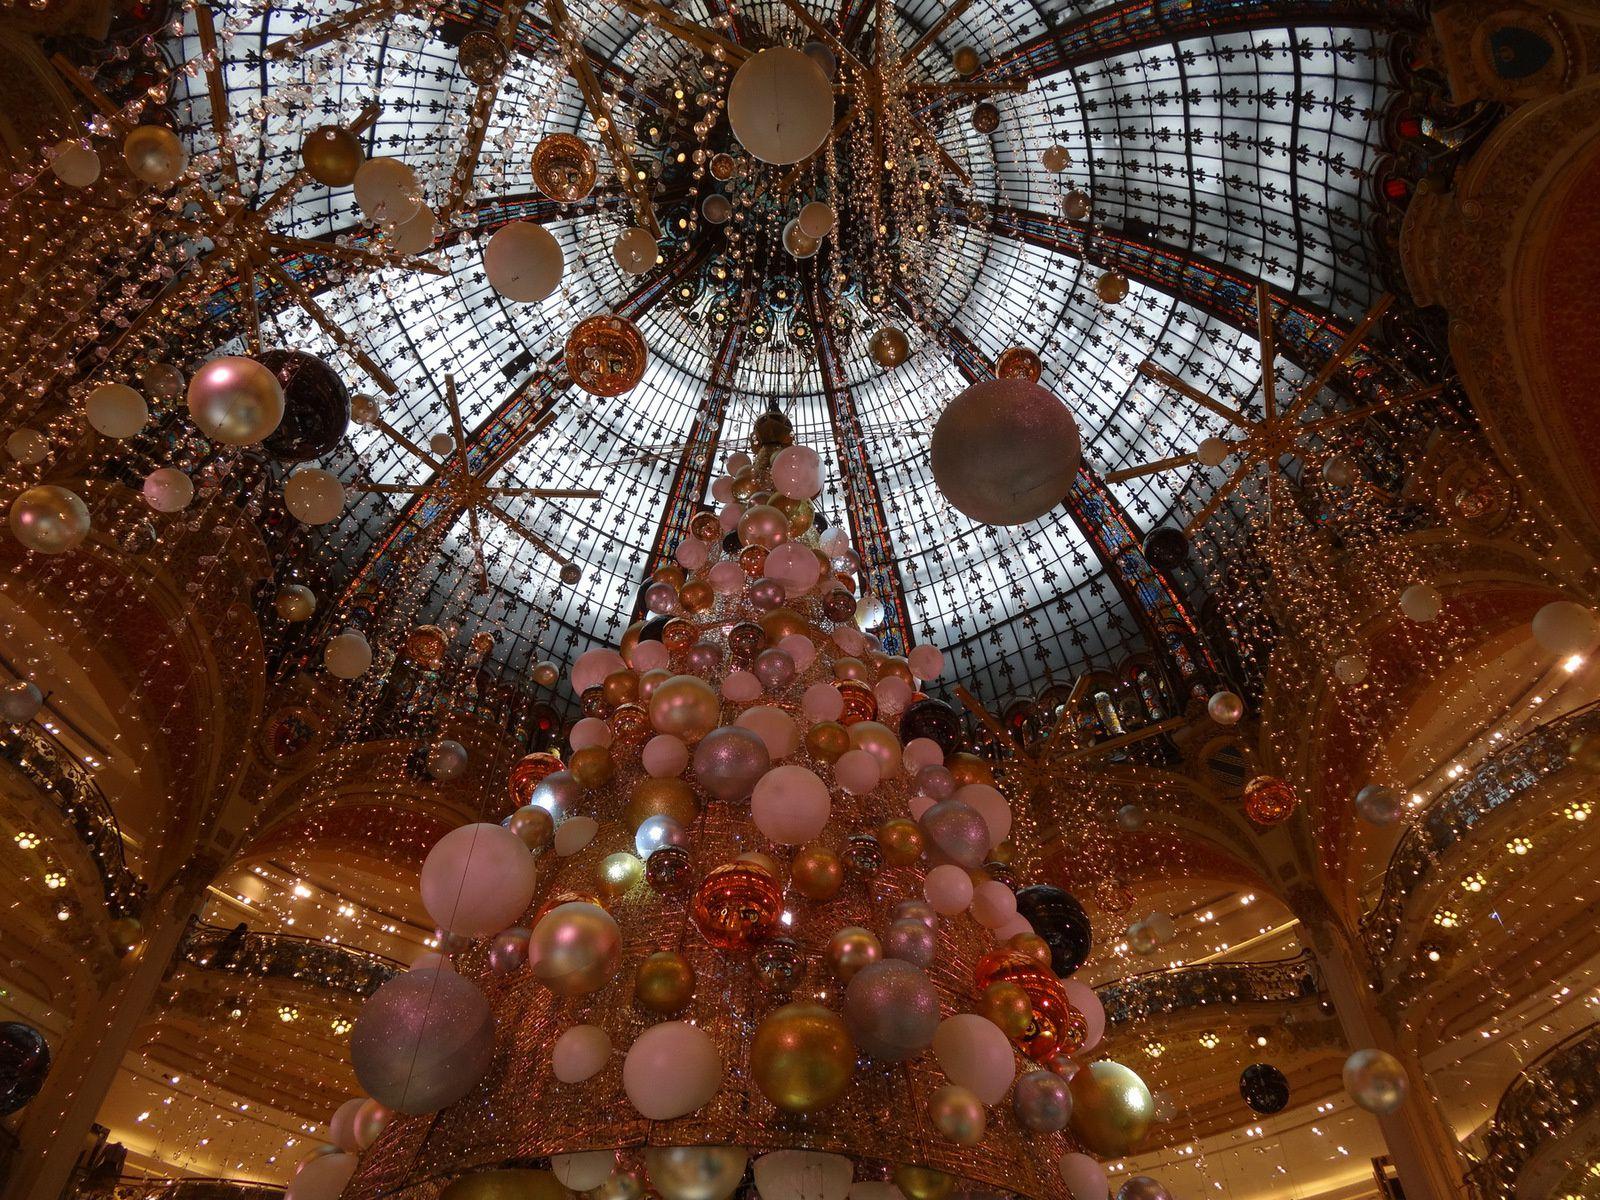 Noël à Paris sous la verrière des Galeries Lafayettes (4 photos)